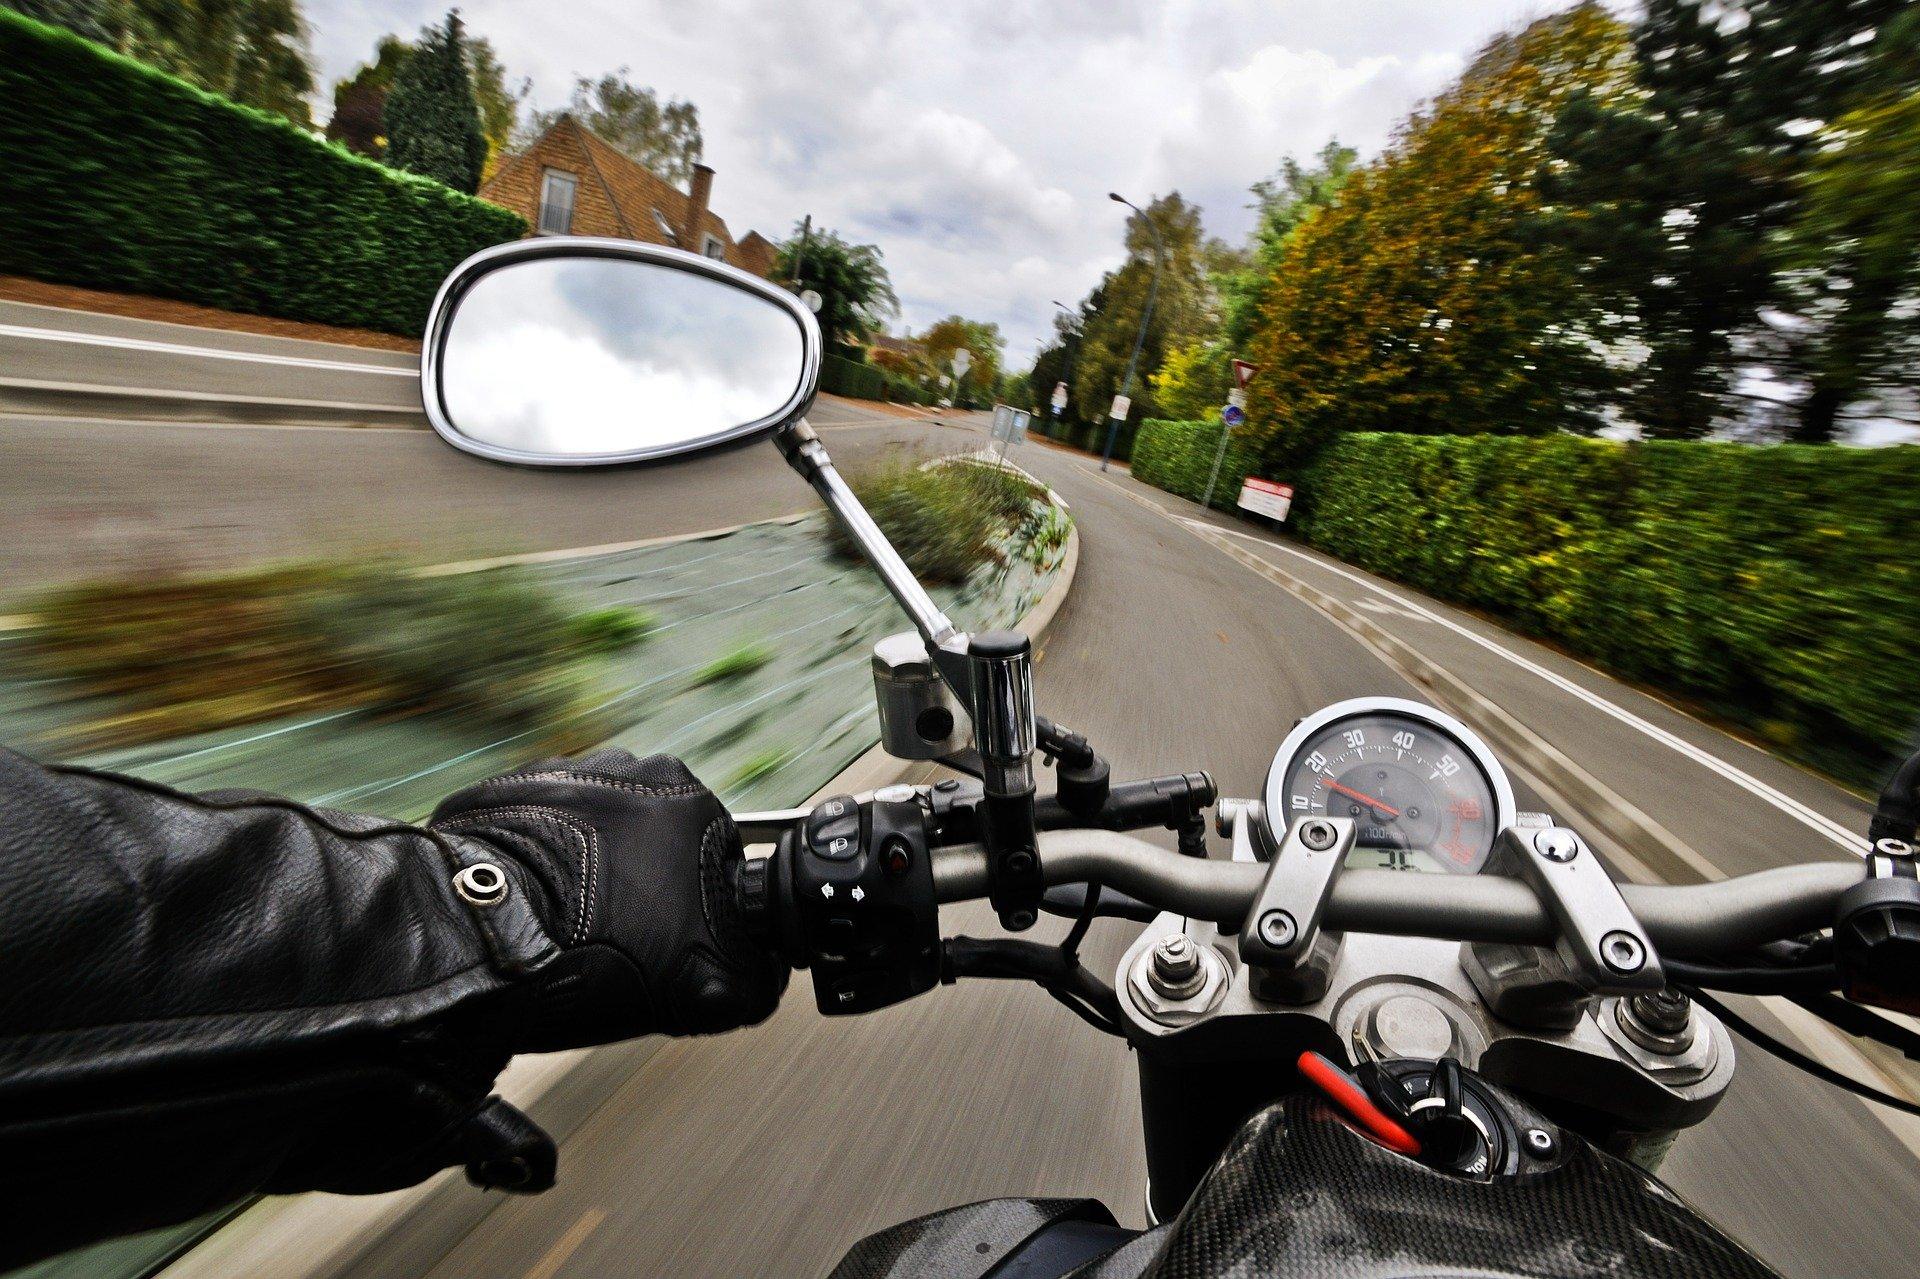 Neuer Bußgeldkatalog: Was ändert sich für Motorradfahrer?